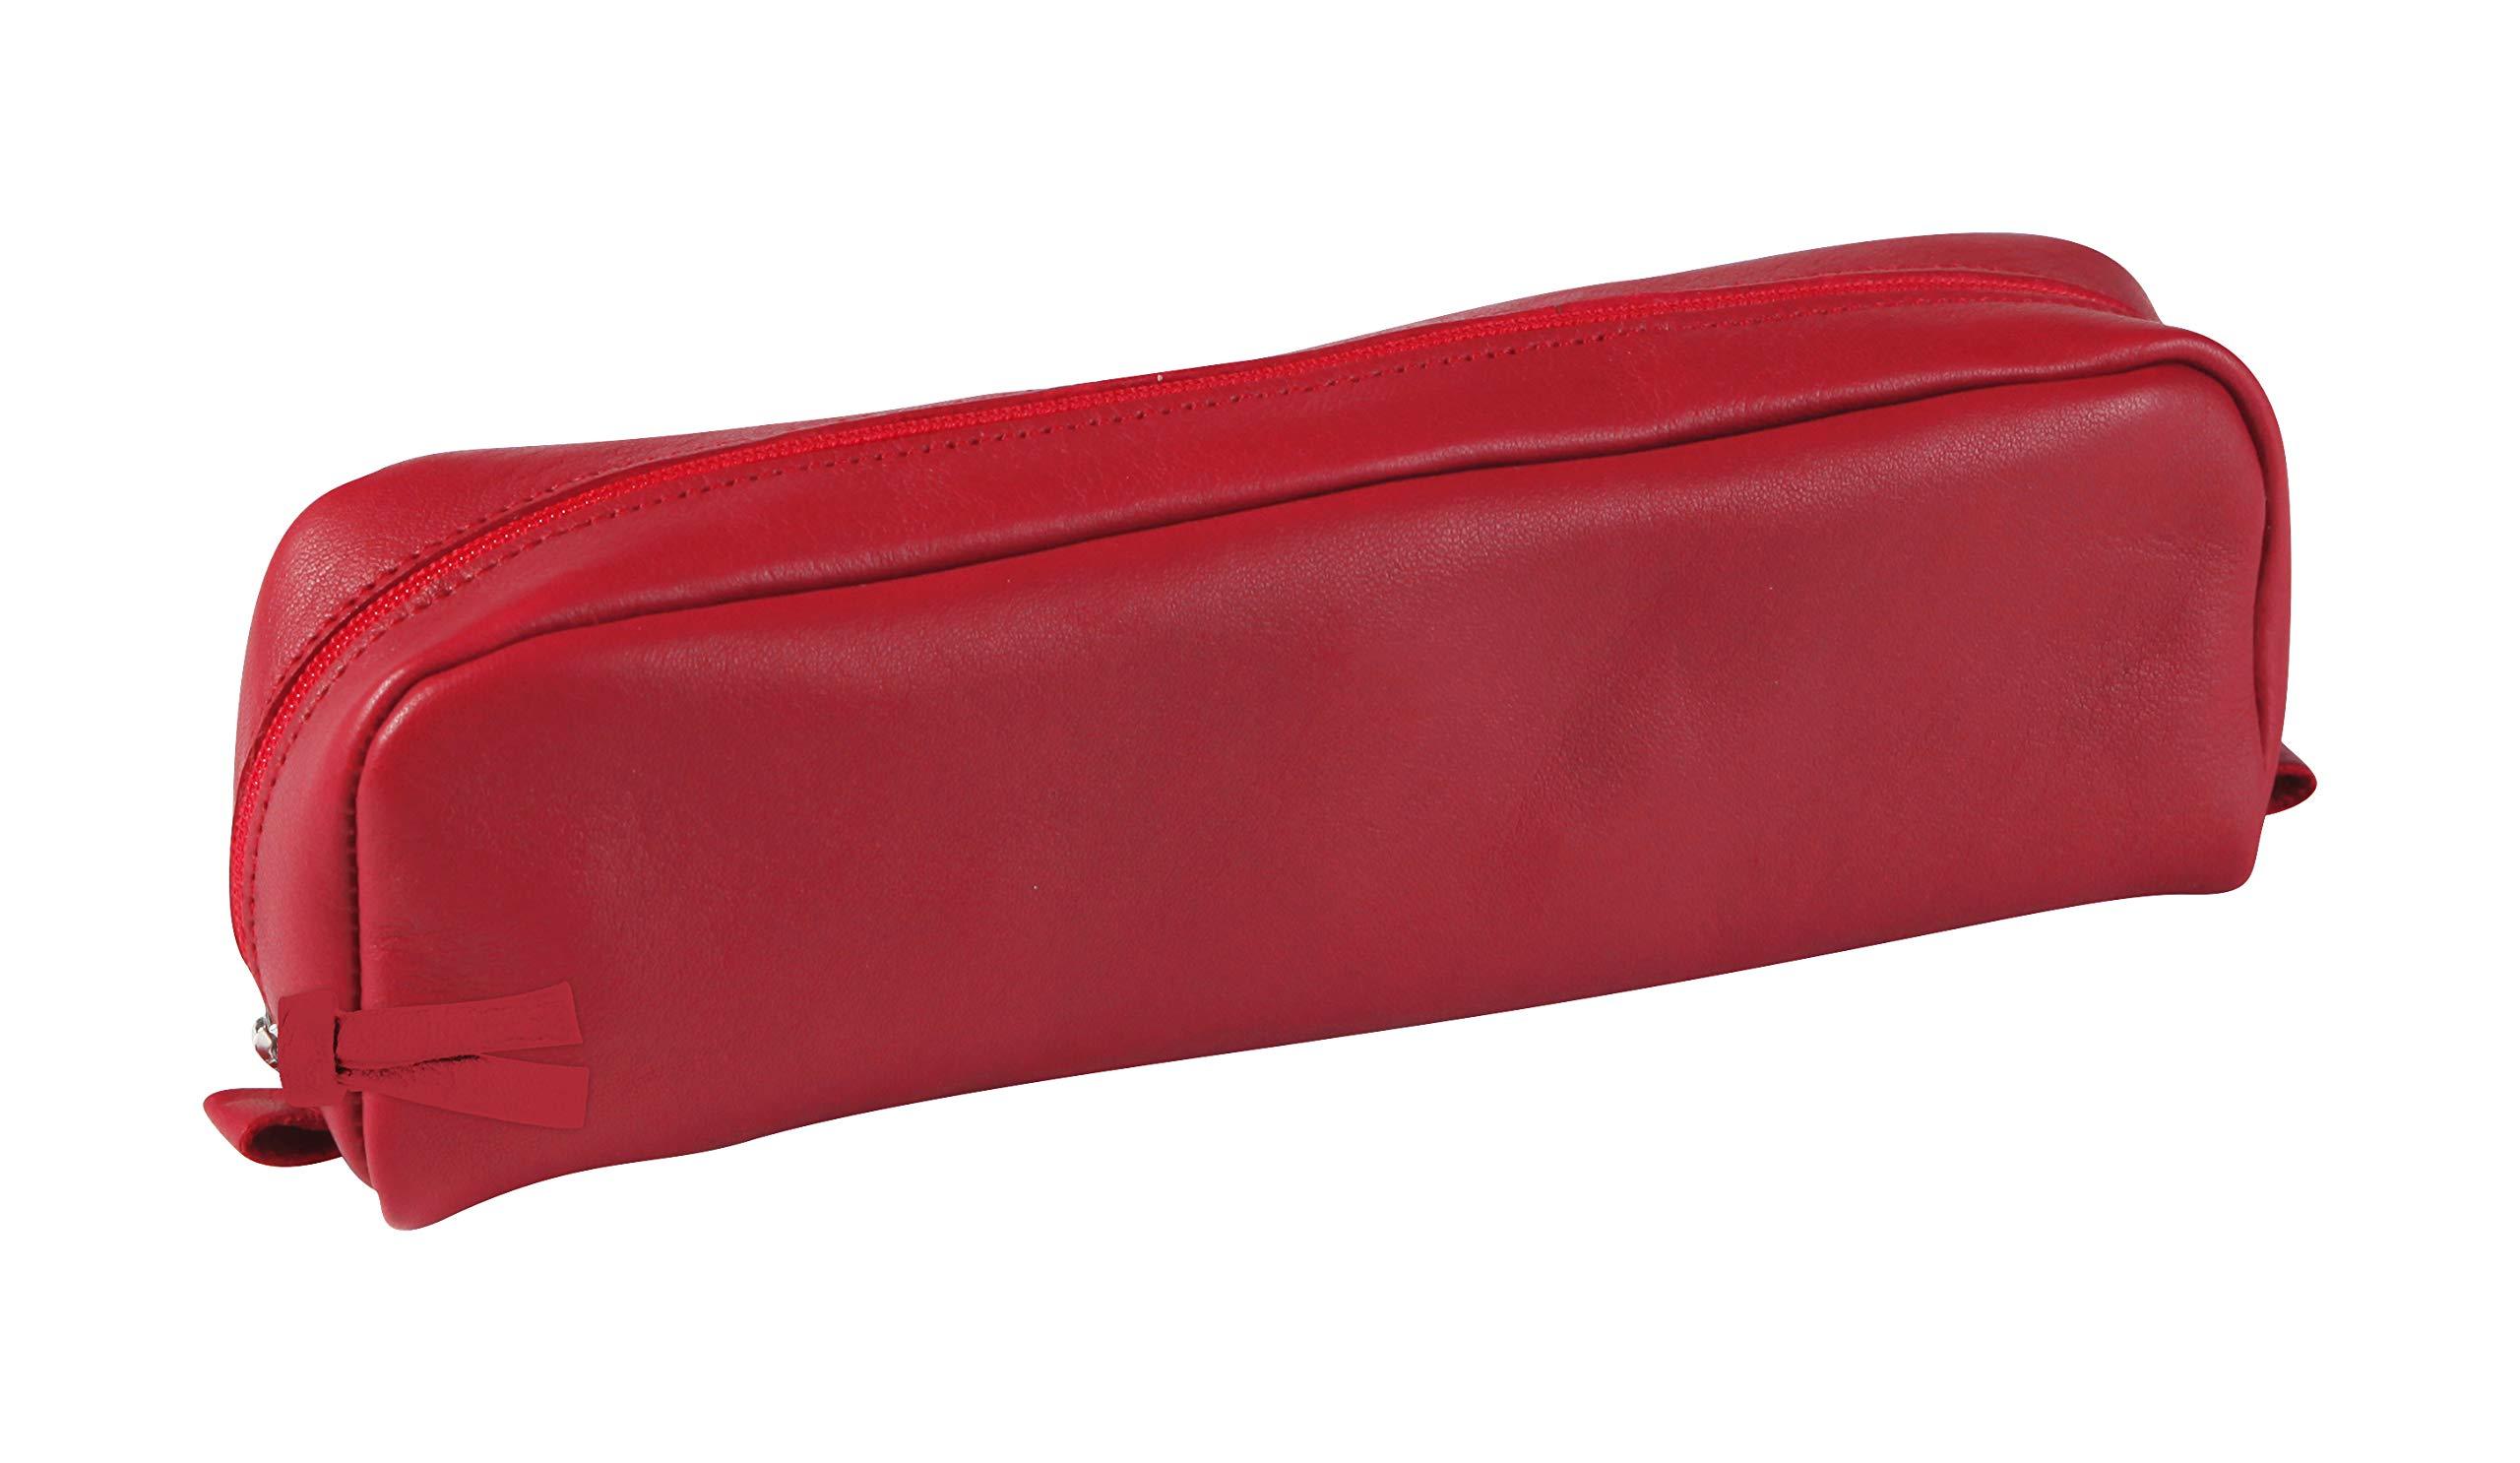 Clairefontaine - Estuche (20,50 x 4 x 6 cm), color rojo: C Rhodia: Amazon.es: Oficina y papelería